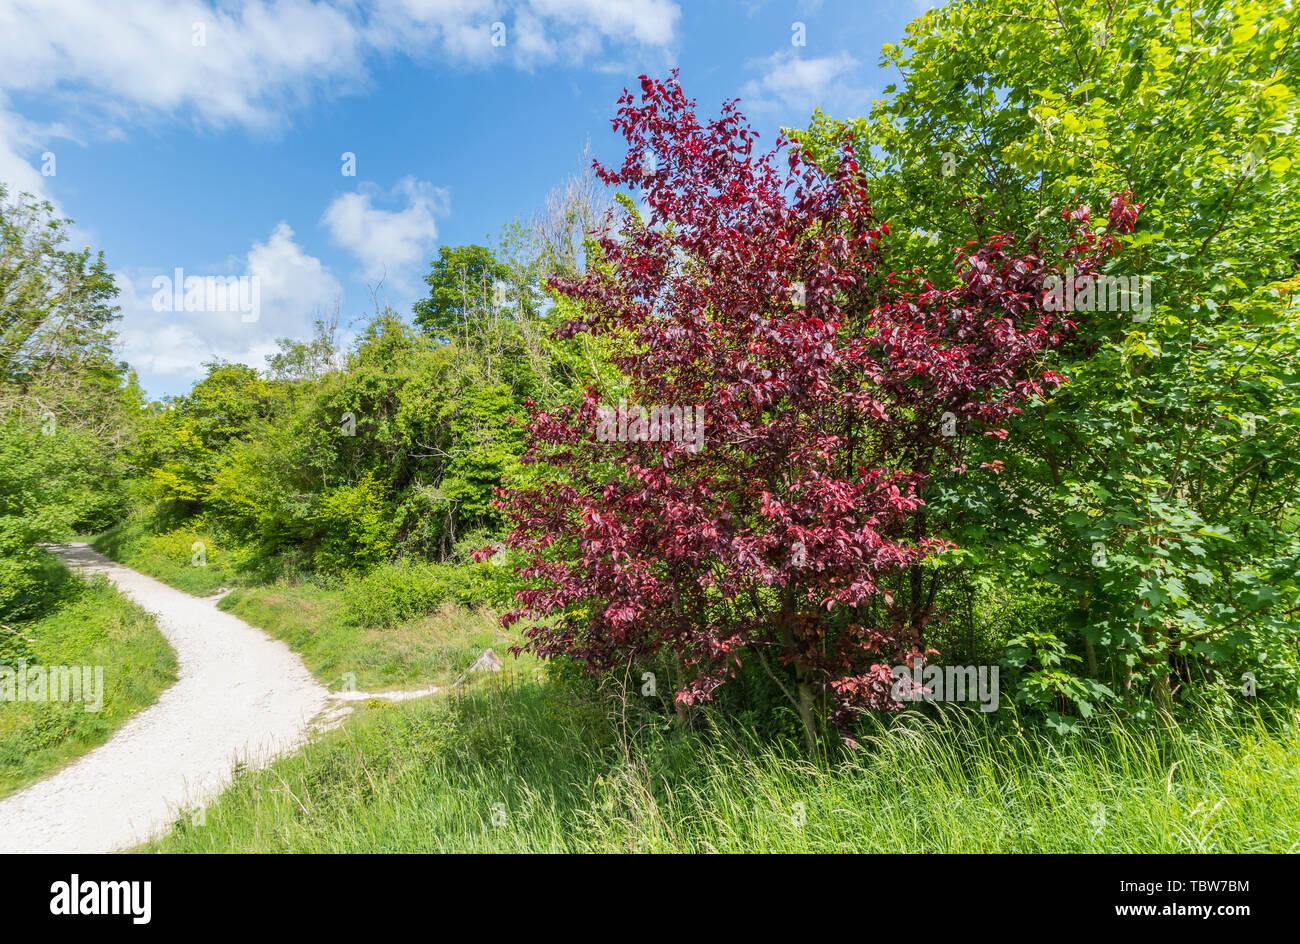 Small Prunus Cerasifera Tree Cherry Plum Tree Or Purple Leaf Plum